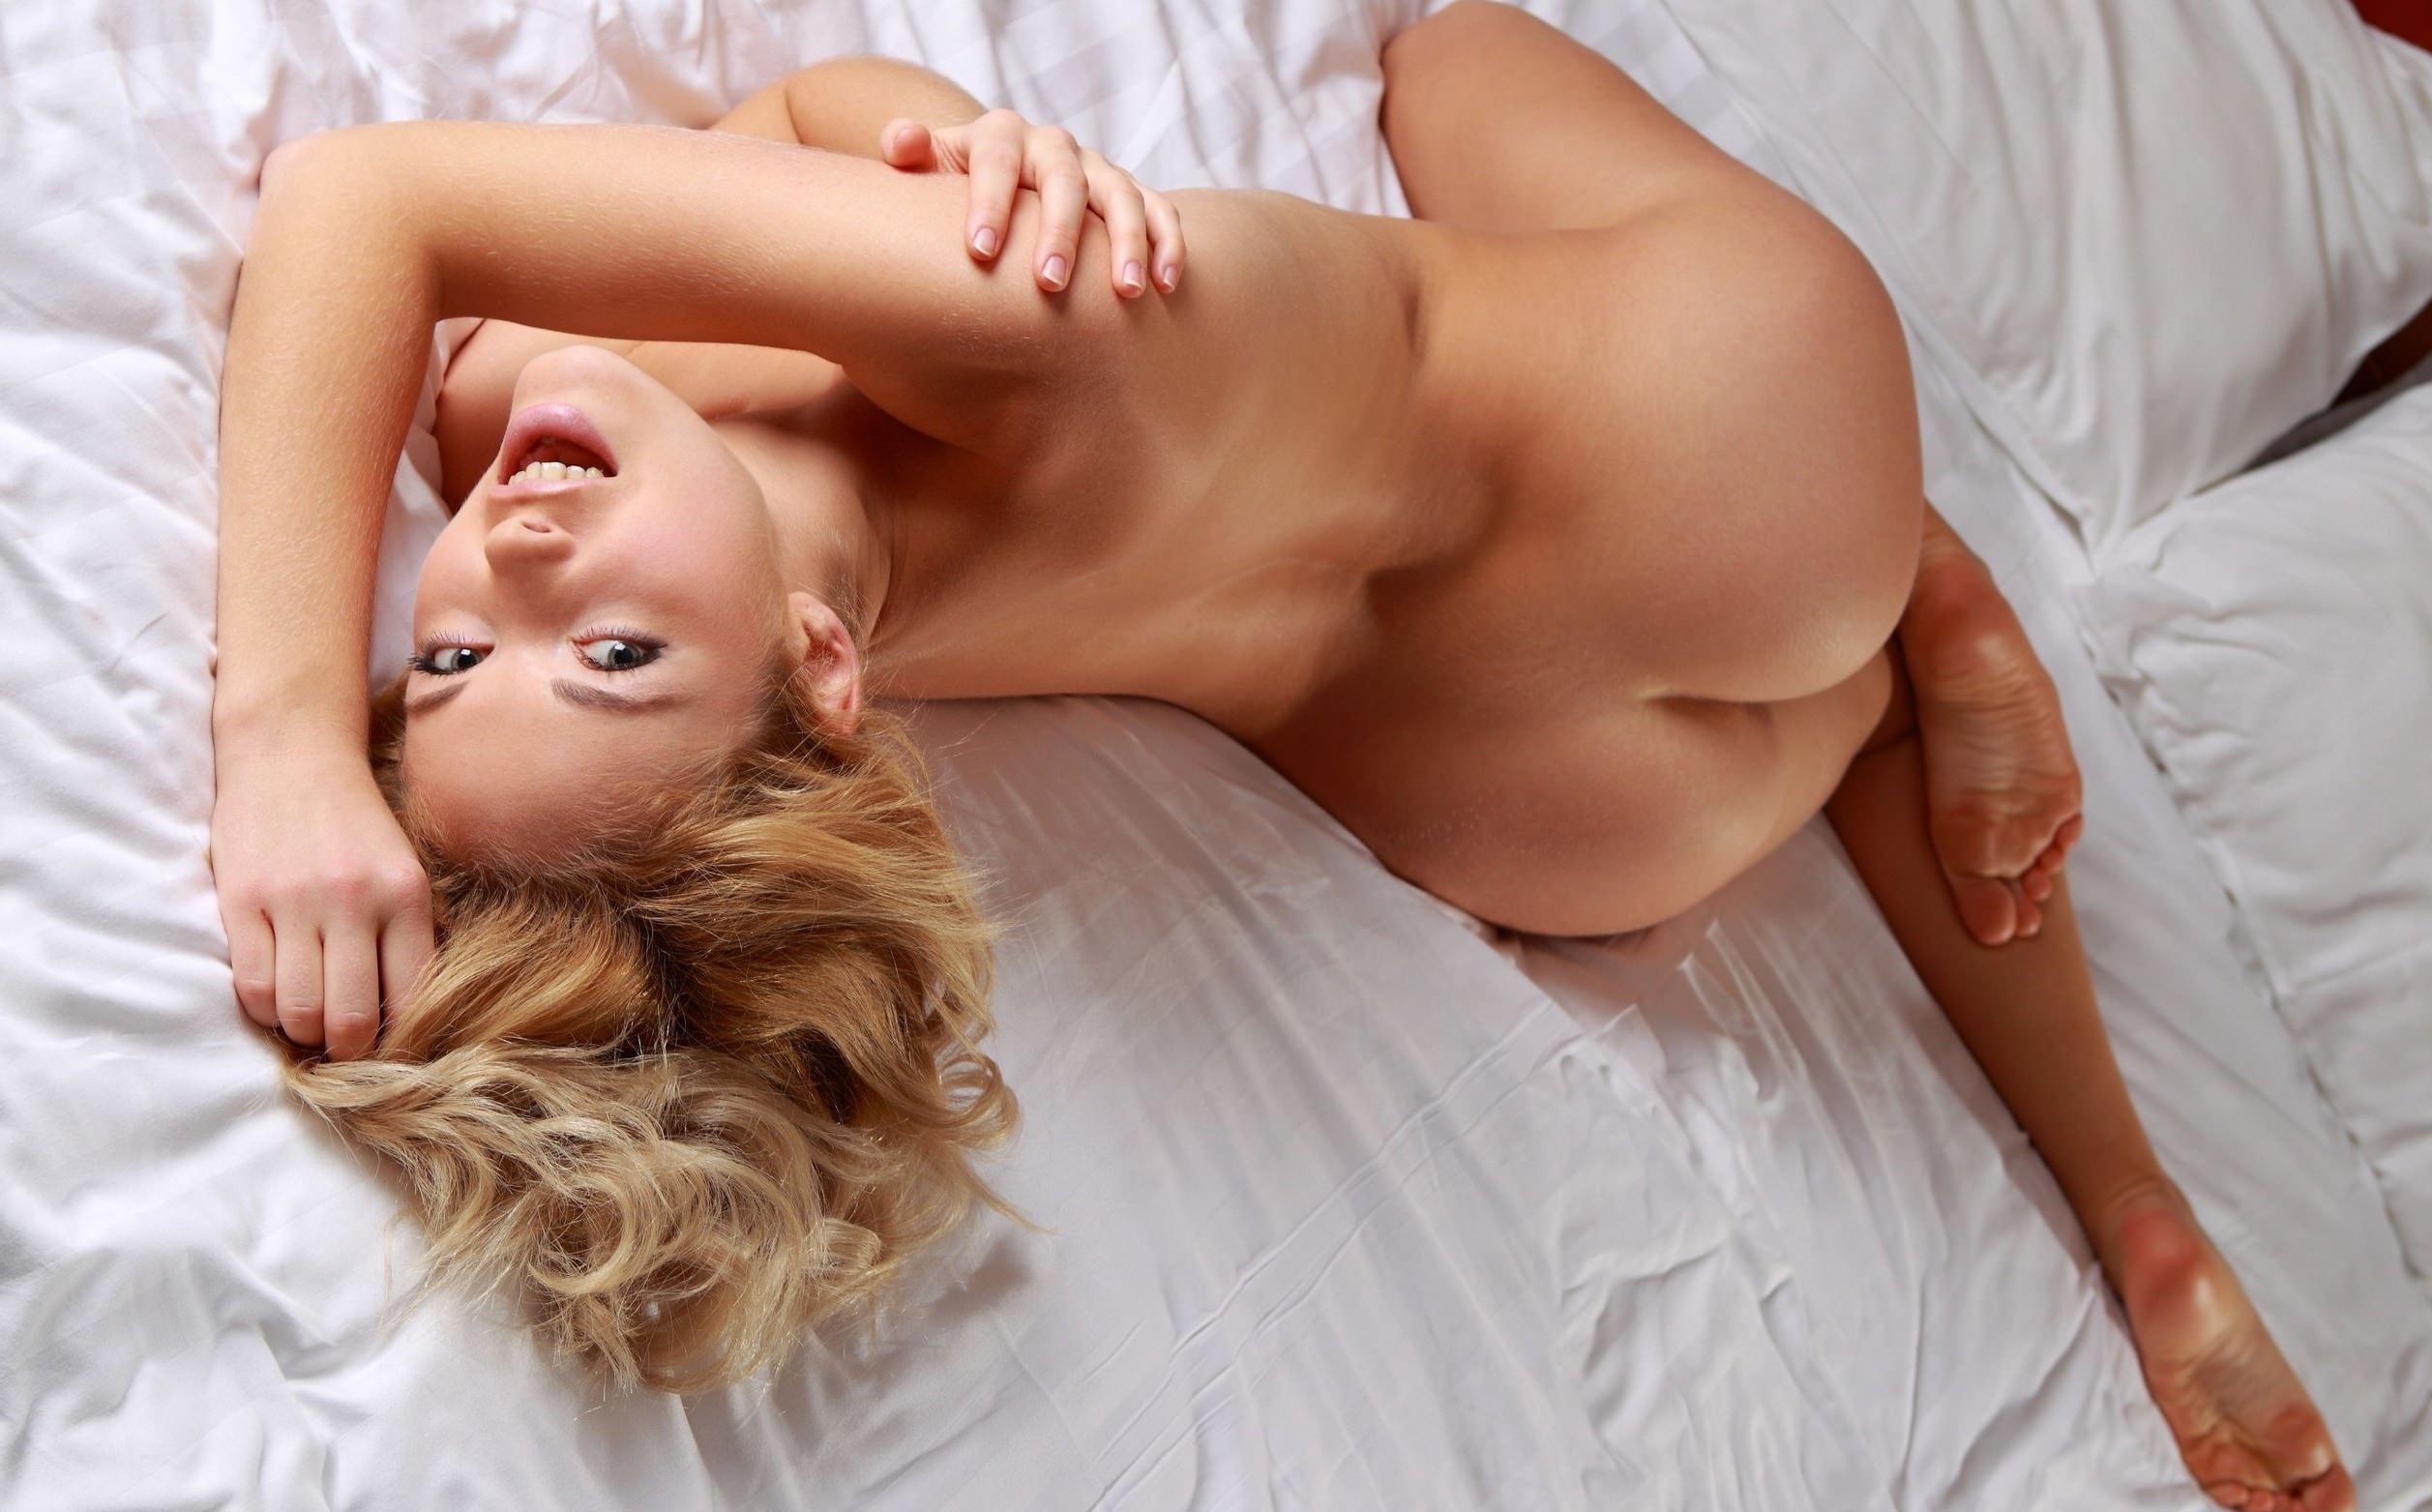 Фото Красивая смеющаяся девушка извивается в постели ранним утром голышом, сексуальное тело, девушка спала голая, светлые волосы, смех, классная попка. Naked laughing girl on a bed, elastic round ass, sexy buttocks, blonde, sexy body, скачать картинку бесплатно